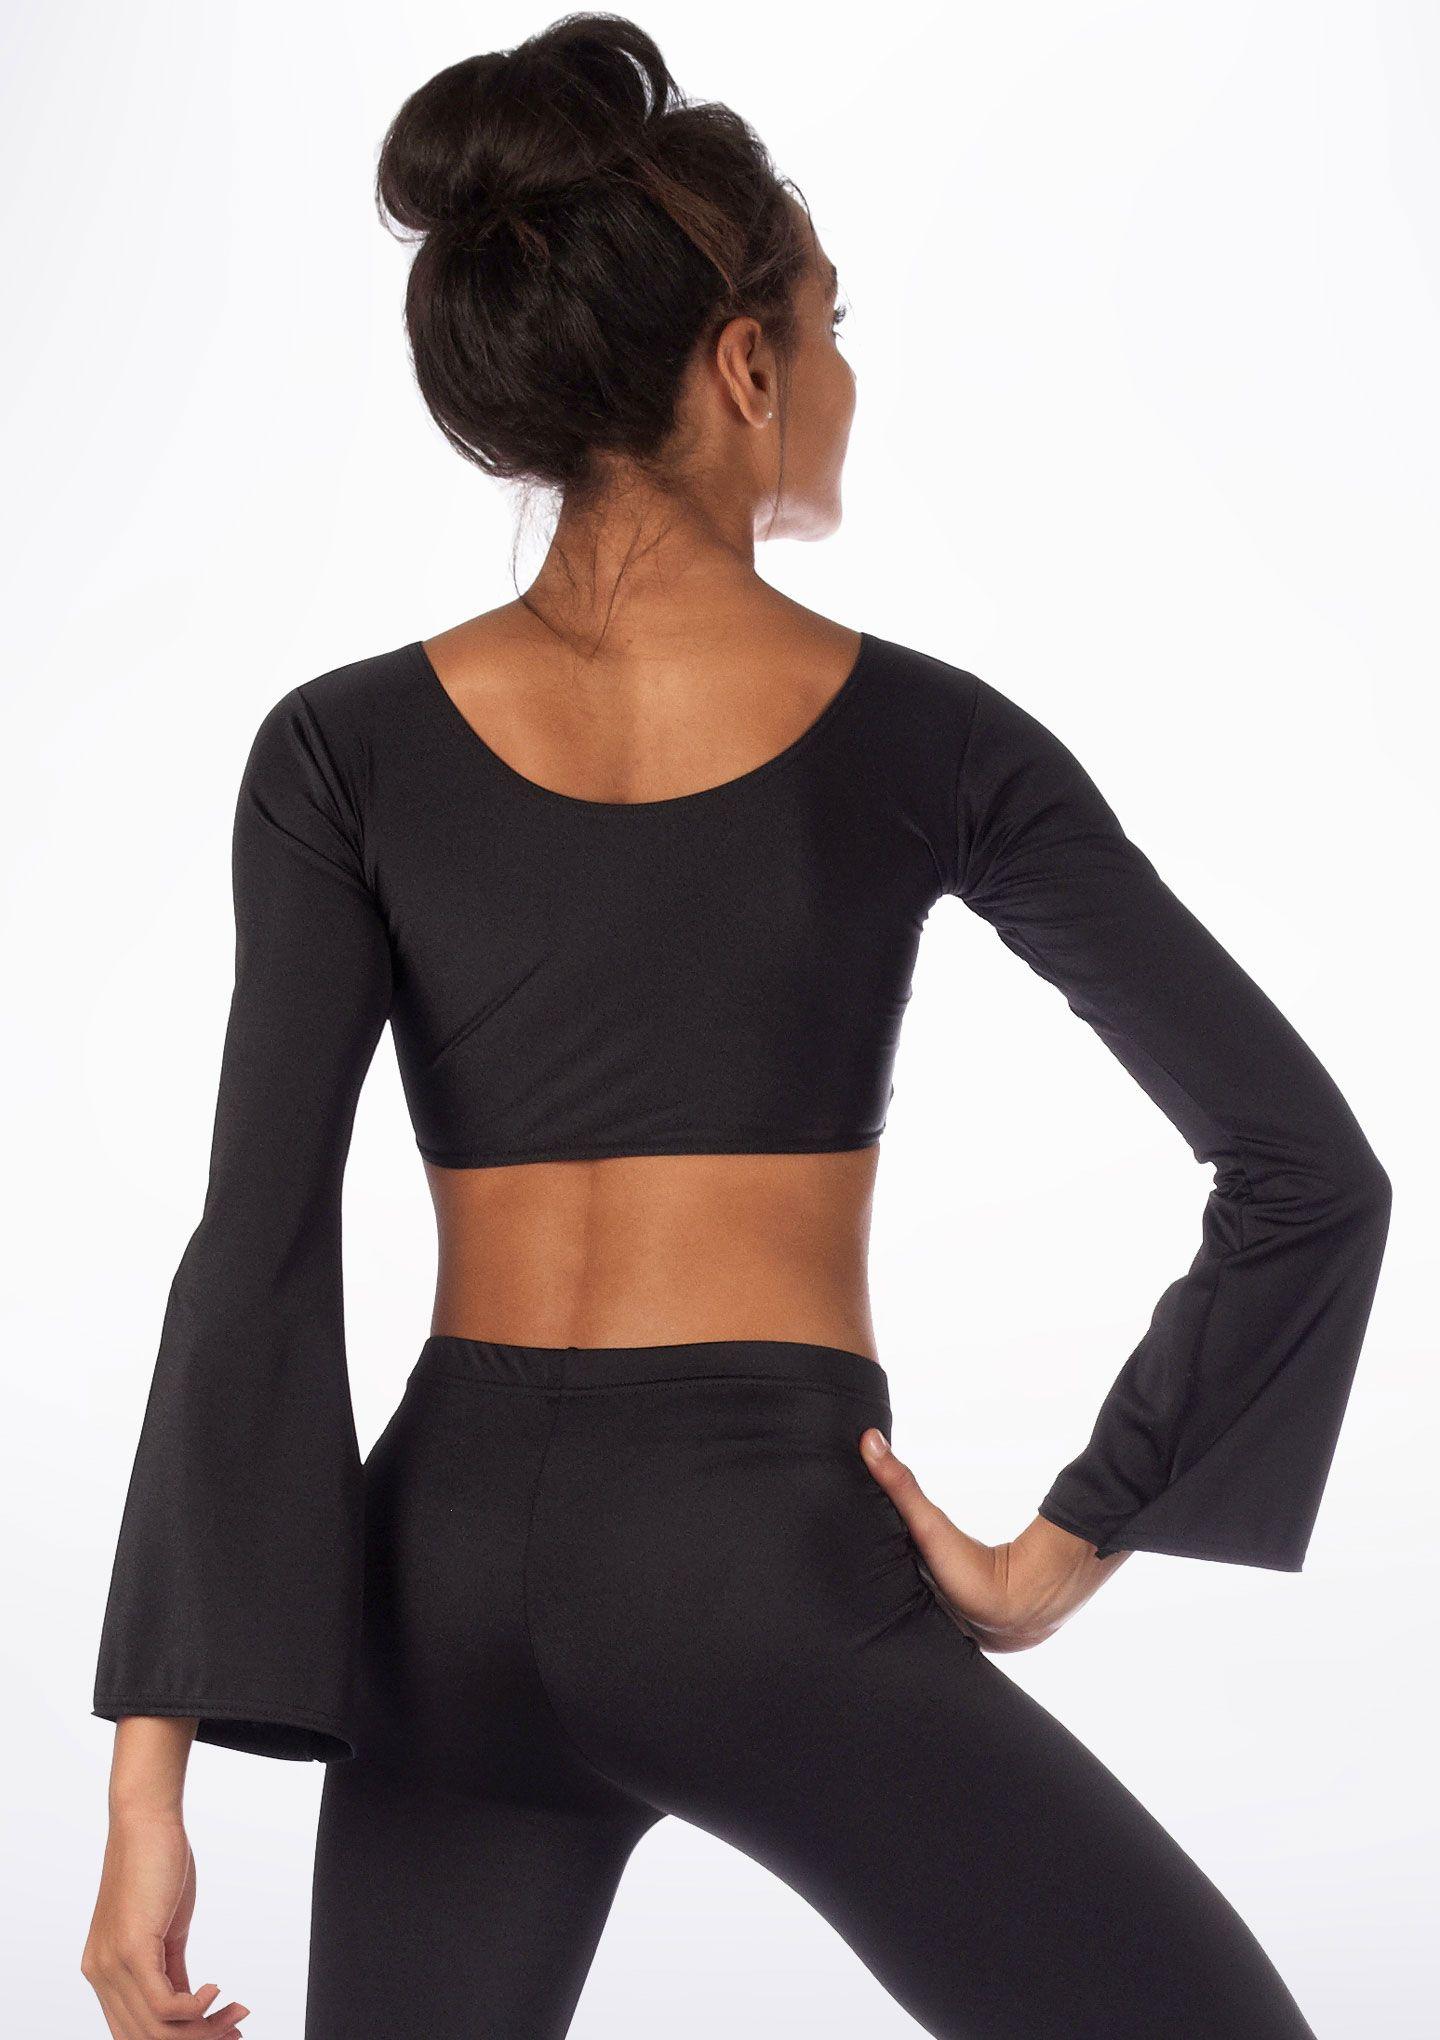 5bd52665d Alegra Shiny Hanae Top - Move Dancewear® FR   mode   Tops, Crop tops ...